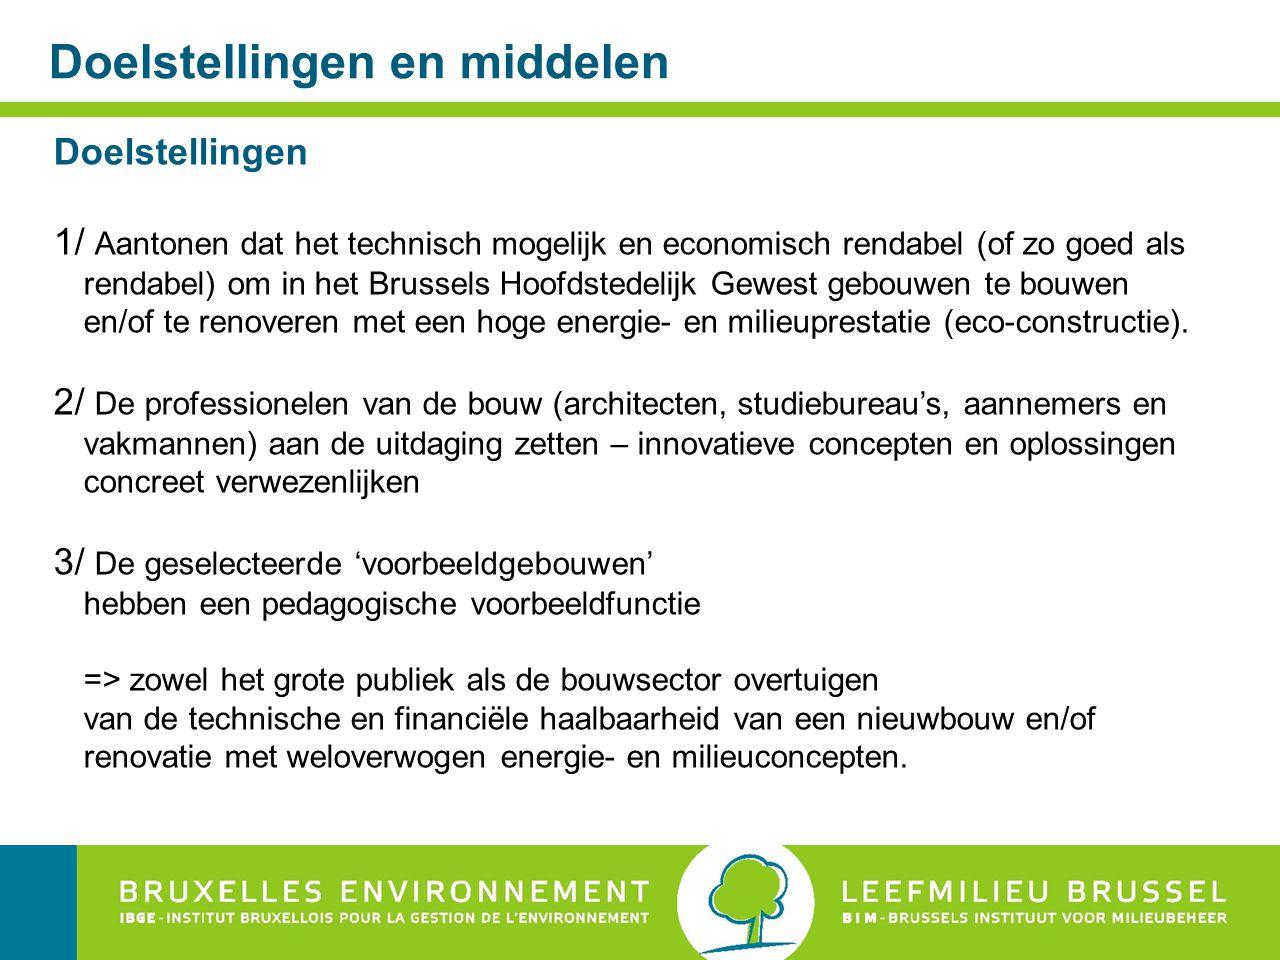 Doelstellingen en middelen Doelstellingen 1/ Aantonen dat het technisch mogelijk en economisch rendabel (of zo goed als rendabel) om in het Brussels Hoofdstedelijk Gewest gebouwen te bouwen en/of te renoveren met een hoge energie- en milieuprestatie (eco-constructie).